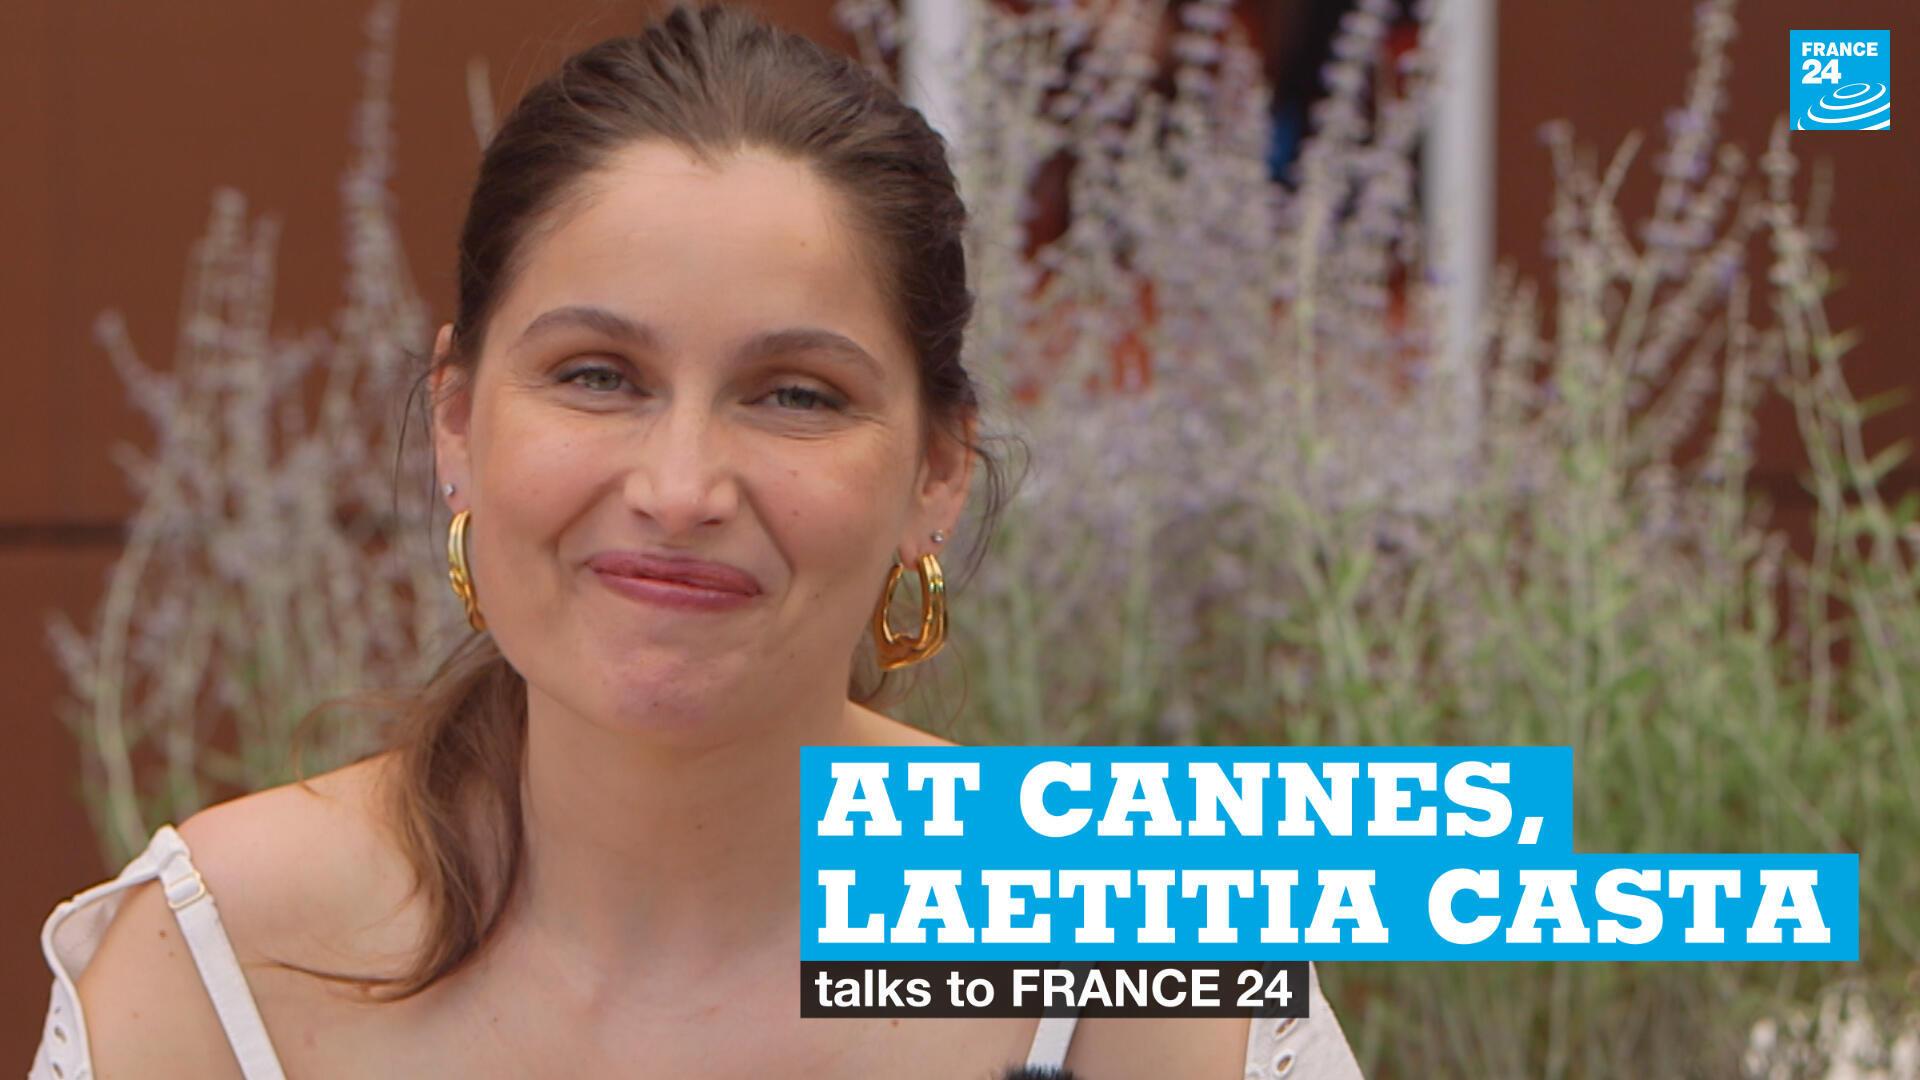 Laetitia Casta, Cannes 2021